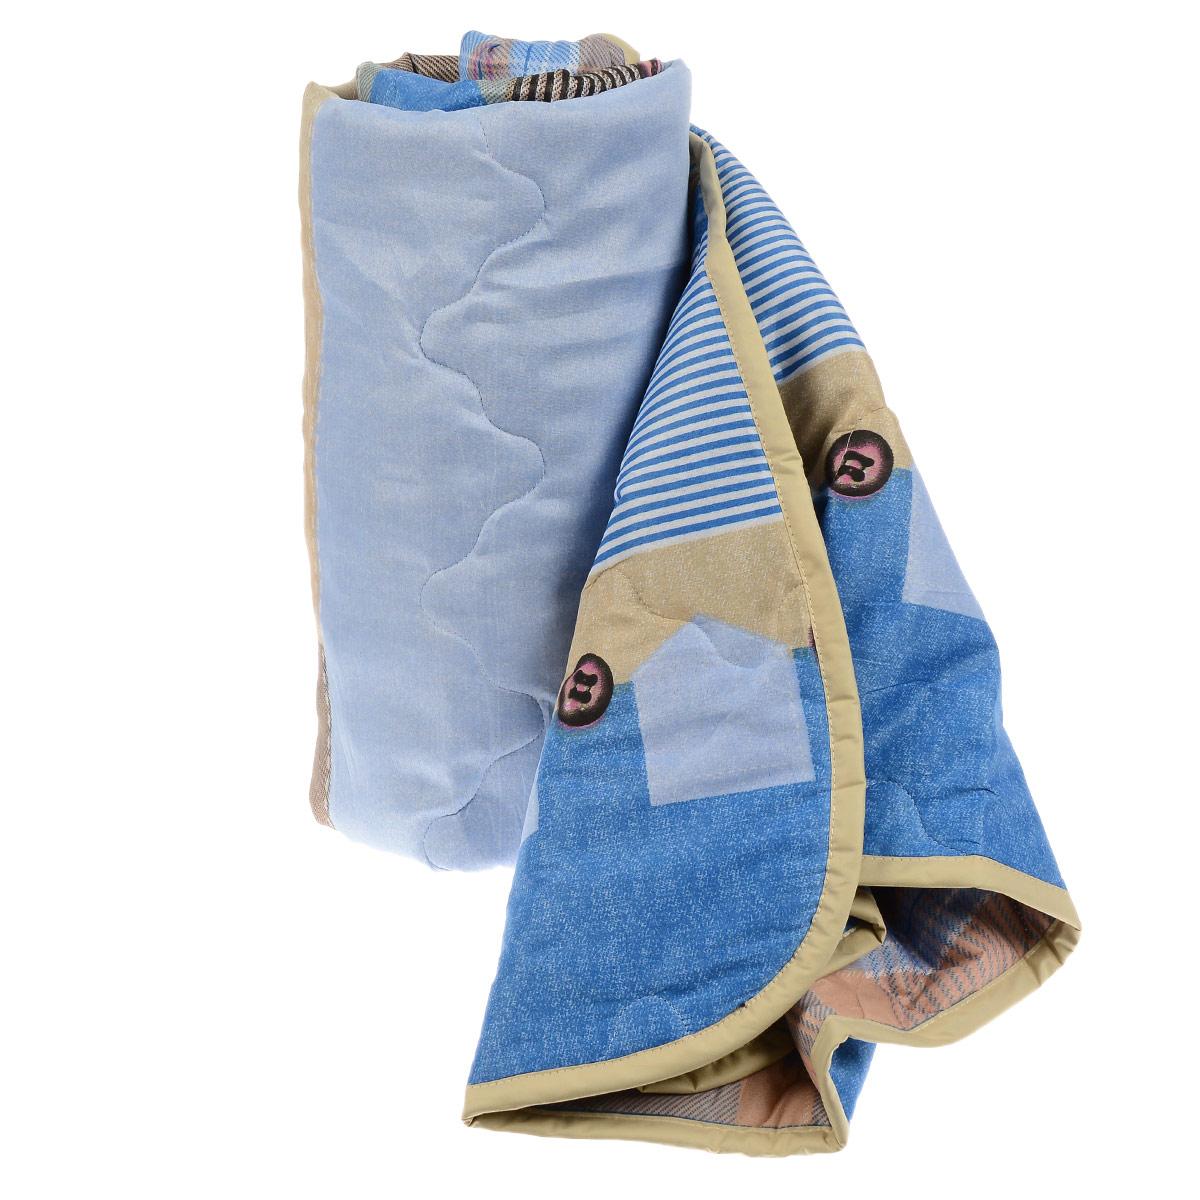 Одеяло всесезонное OL-Tex Miotex, наполнитель: полиэфирное волокно Holfiteks, цвет: голубой, бежевый, 140 см х 205 см531-105Всесезонное одеяло OL-Tex Miotex создаст комфорт и уют во время сна. Стеганый чехол выполнен из полиэстера и оформлен красочным рисунком. Внутри - современный наполнитель из полиэфирного высокосиликонизированного волокна Holfiteks, упругий и качественный. Холфитекс - современный экологически чистый синтетический материал, изготовленный по новейшим технологиям. Его уникальность заключается в расположении волокон, которые позволяют моментально восстанавливать форму и сохранять ее долгое время. Изделия с использованием Холфитекса очень удобны в эксплуатации - их можно часто стирать без потери потребительских свойств, они быстро высыхают, не впитывают запахов и совершенно гиппоаллергенны. Холфитекс также обеспечивает хорошую терморегуляцию, поэтому изделия с наполнителем из холфитекса очень комфортны в использовании. Одеяло с современным упругим наполнителем Холфитекс порадует вас в любое время года. Оно комфортно согревает и создает отличный микроклимат. За одеялом легко ухаживать, можно стирать в стиральной машинке.Рекомендации по уходу:- Ручная и машинная стирка при температуре 30°С.- Не гладить.- Не отбеливать. - Нельзя отжимать и сушить в стиральной машине.- Сушить вертикально. Размер одеяла: 140 см х 205 см. Материал чехла: 100% полиэстер. Материал наполнителя: полиэфирное высокосиликонизированное волокно Holfiteks. Плотность наполнителя: 300 г/м2.